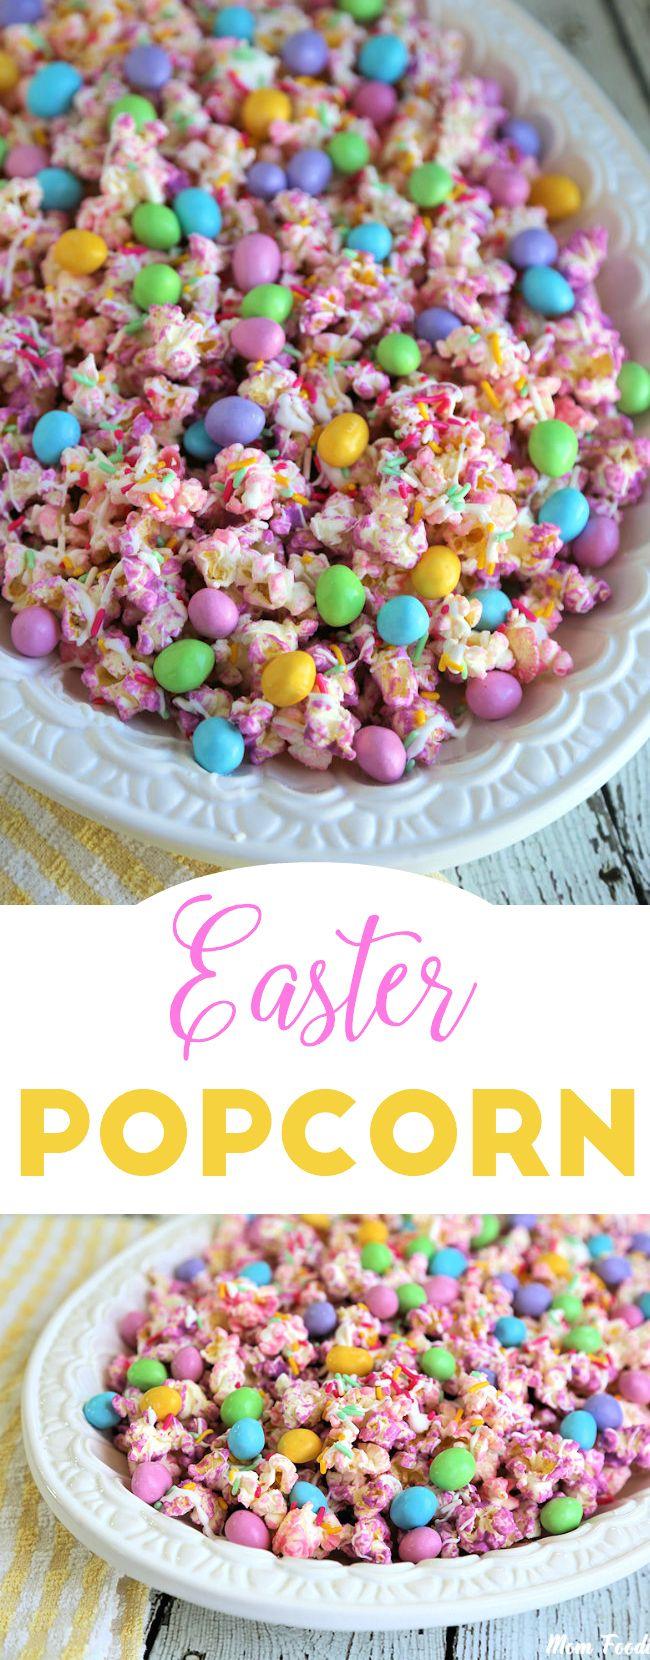 Esta es una buena idea para un divertido regalo de Pascua